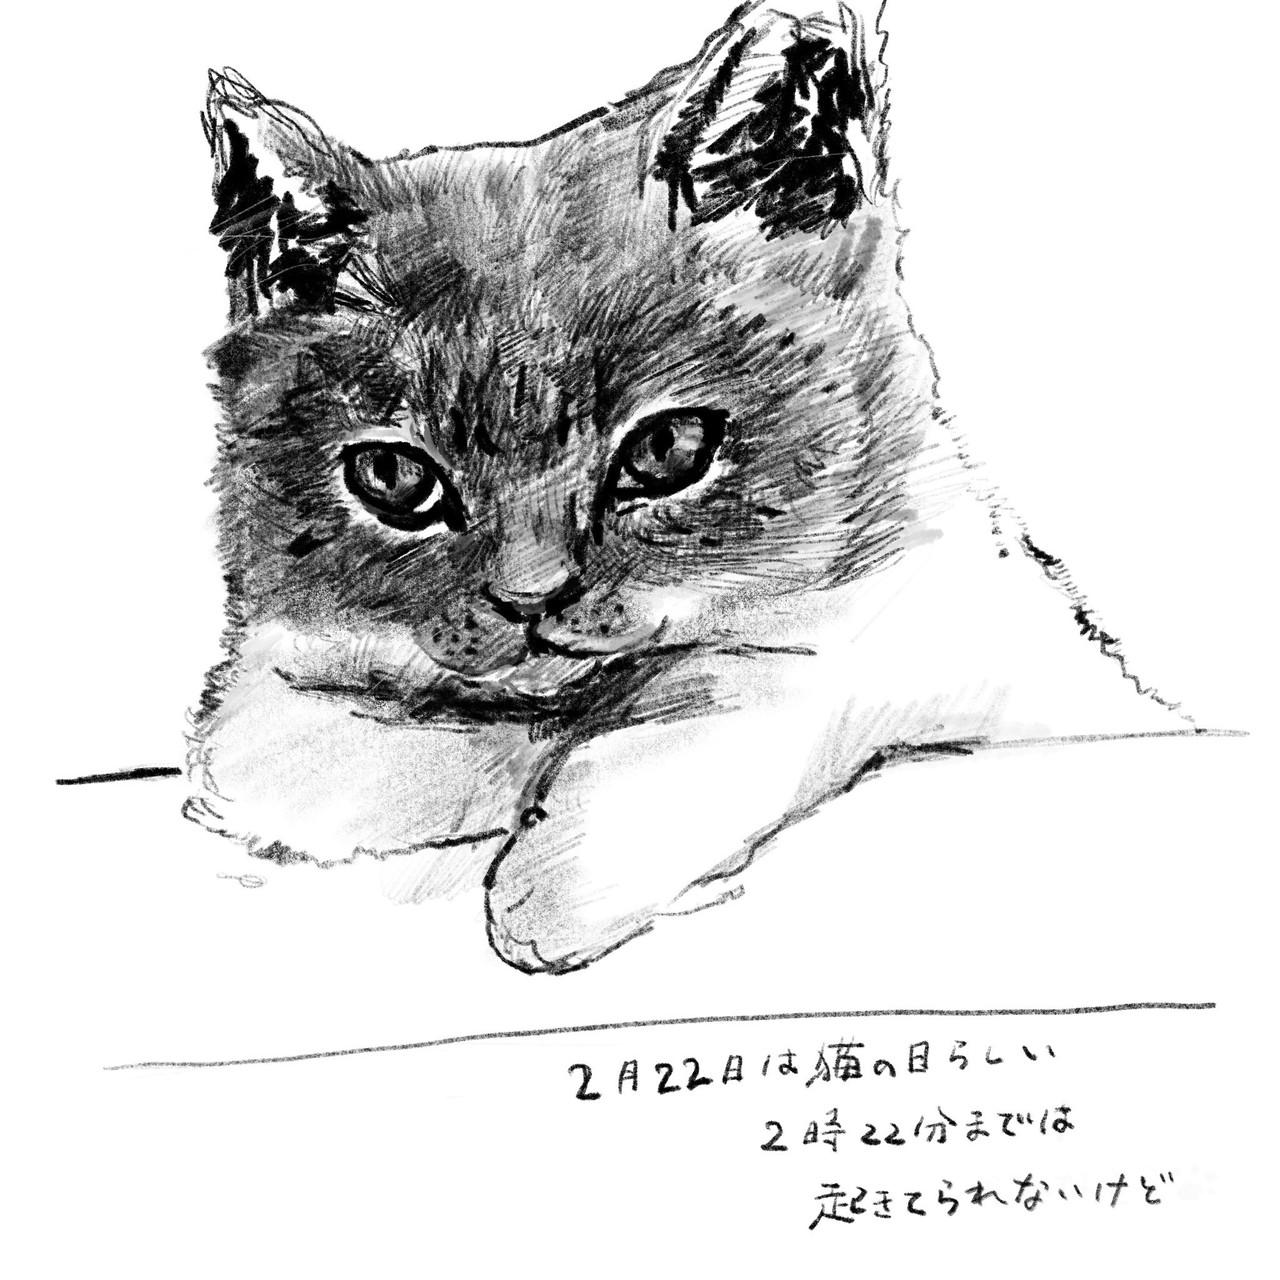 こどもの頃、家ではいつも犬や猫がいて家族の一員だった。みんなが出かけて自分が一人の時にも、家に毛むくじゃらな犬や猫がいるとなんとなくさびしくなく、かといって近づきすぎることもない、不思議な距離感。長毛種の猫ですごくかわいい猫がいた時は、なぜたり触りたくなるものの、気位が高い猫で、こちらが手を近づけただけで噛み付いたり引っ掻いたり。手が傷だらけになりつつ、めげずにさわろうとがんばった記憶がある。その頃から20年近く経ち、まだ手にうっすらと残っている傷跡を見ながら、楽しい猫たちとの日々を思い出す。